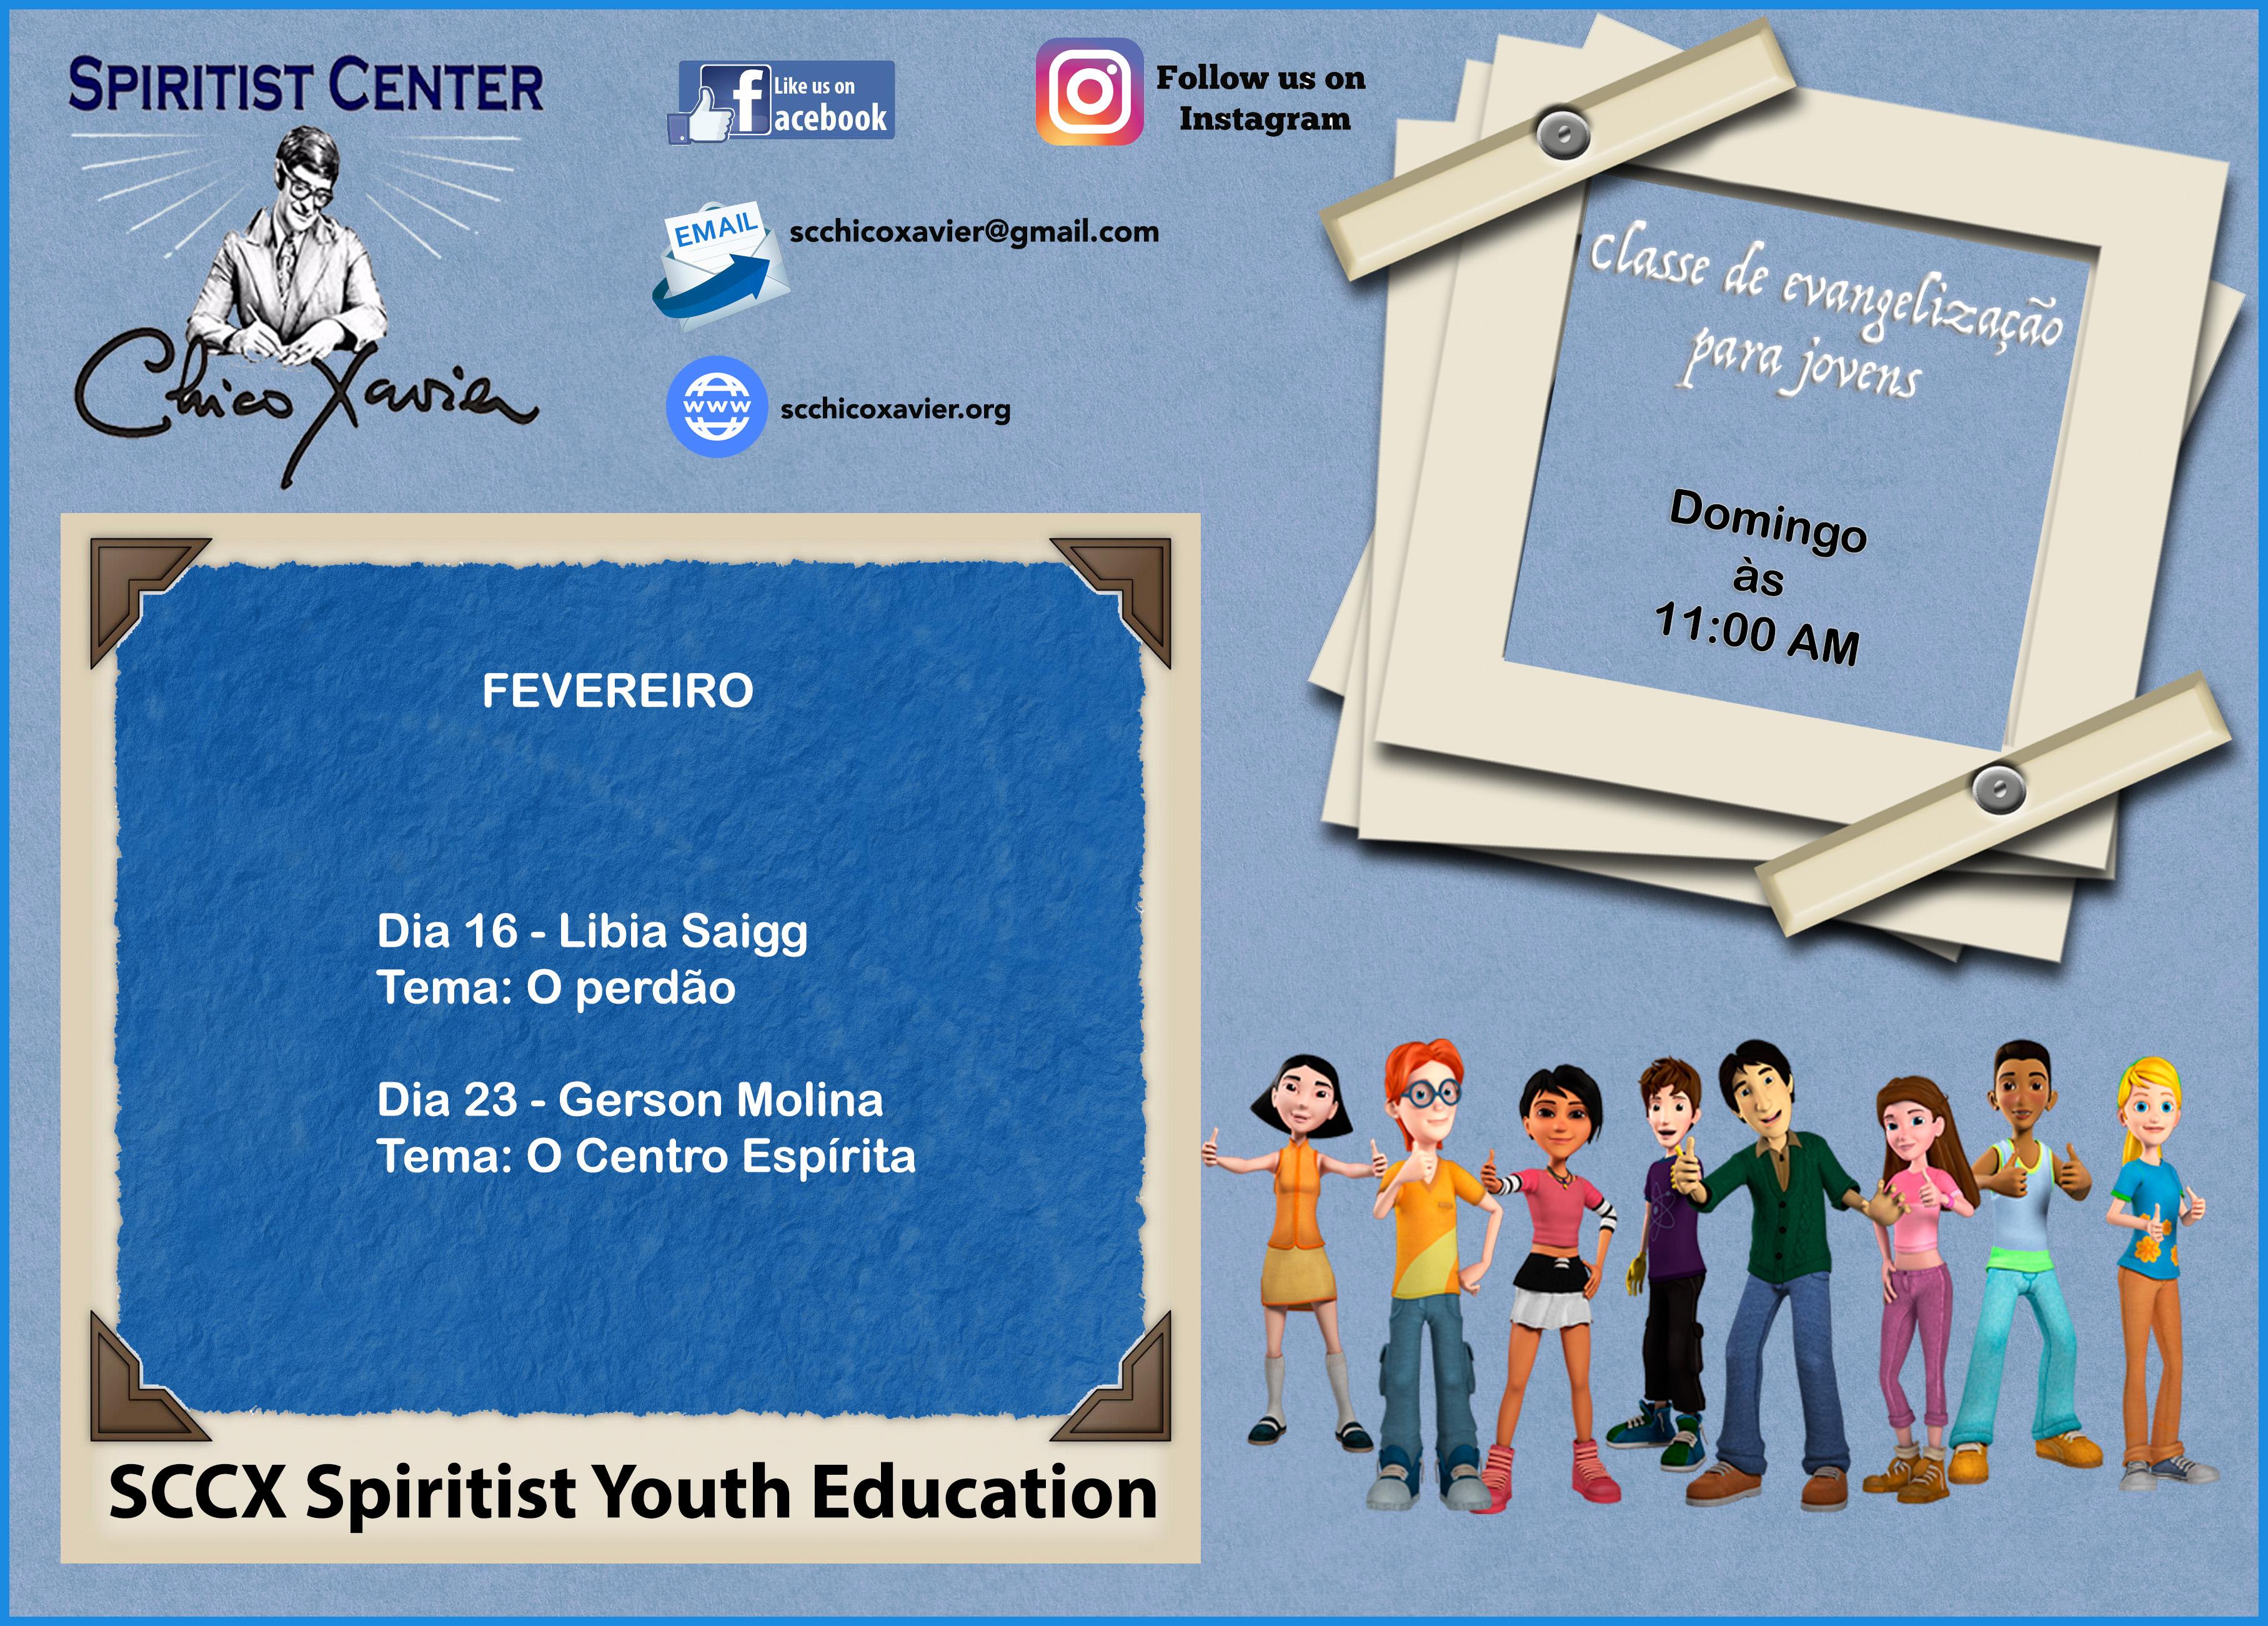 SCCX Yoth Education fevereiro